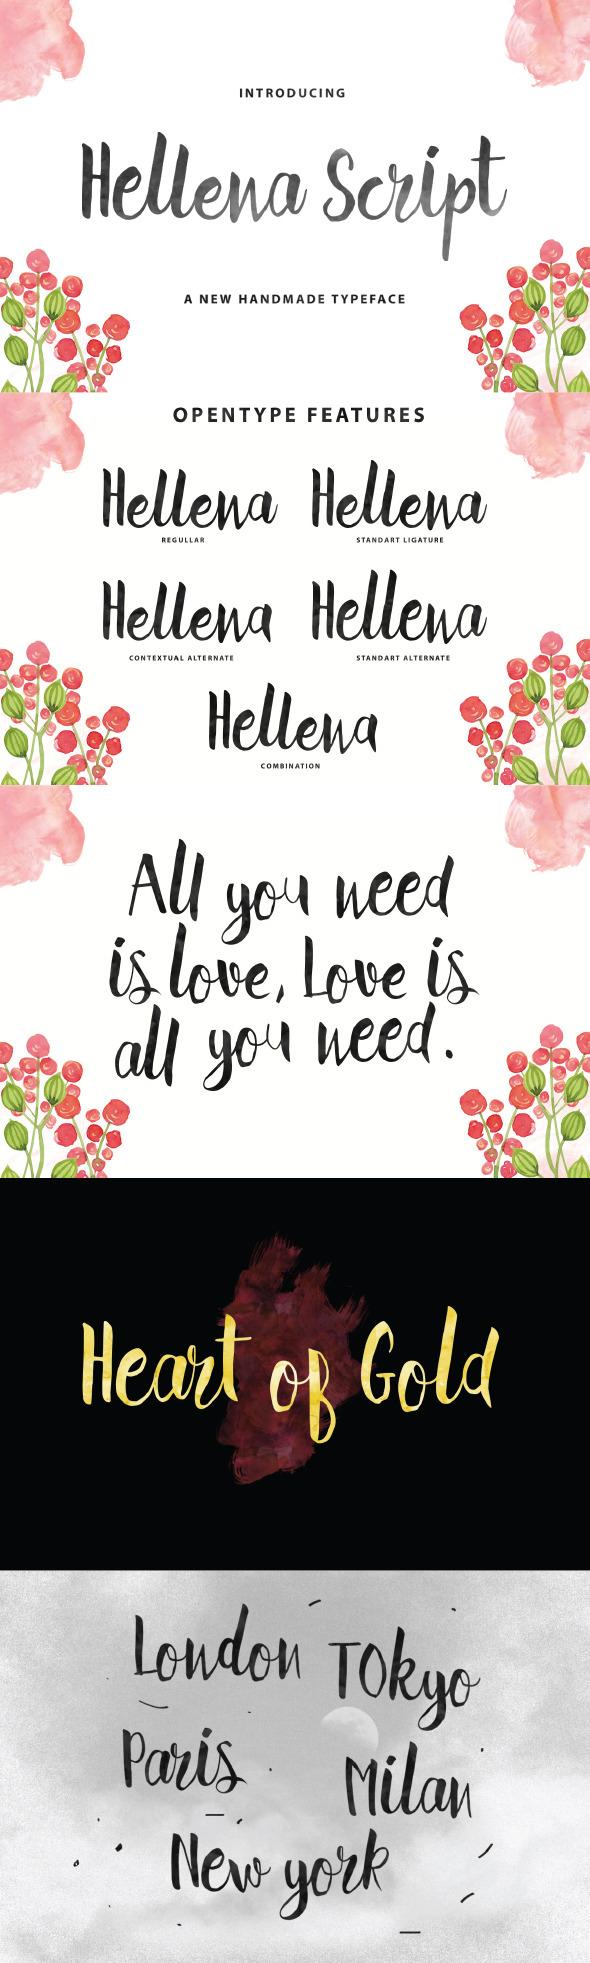 GraphicRiver Hellena Script 11505032